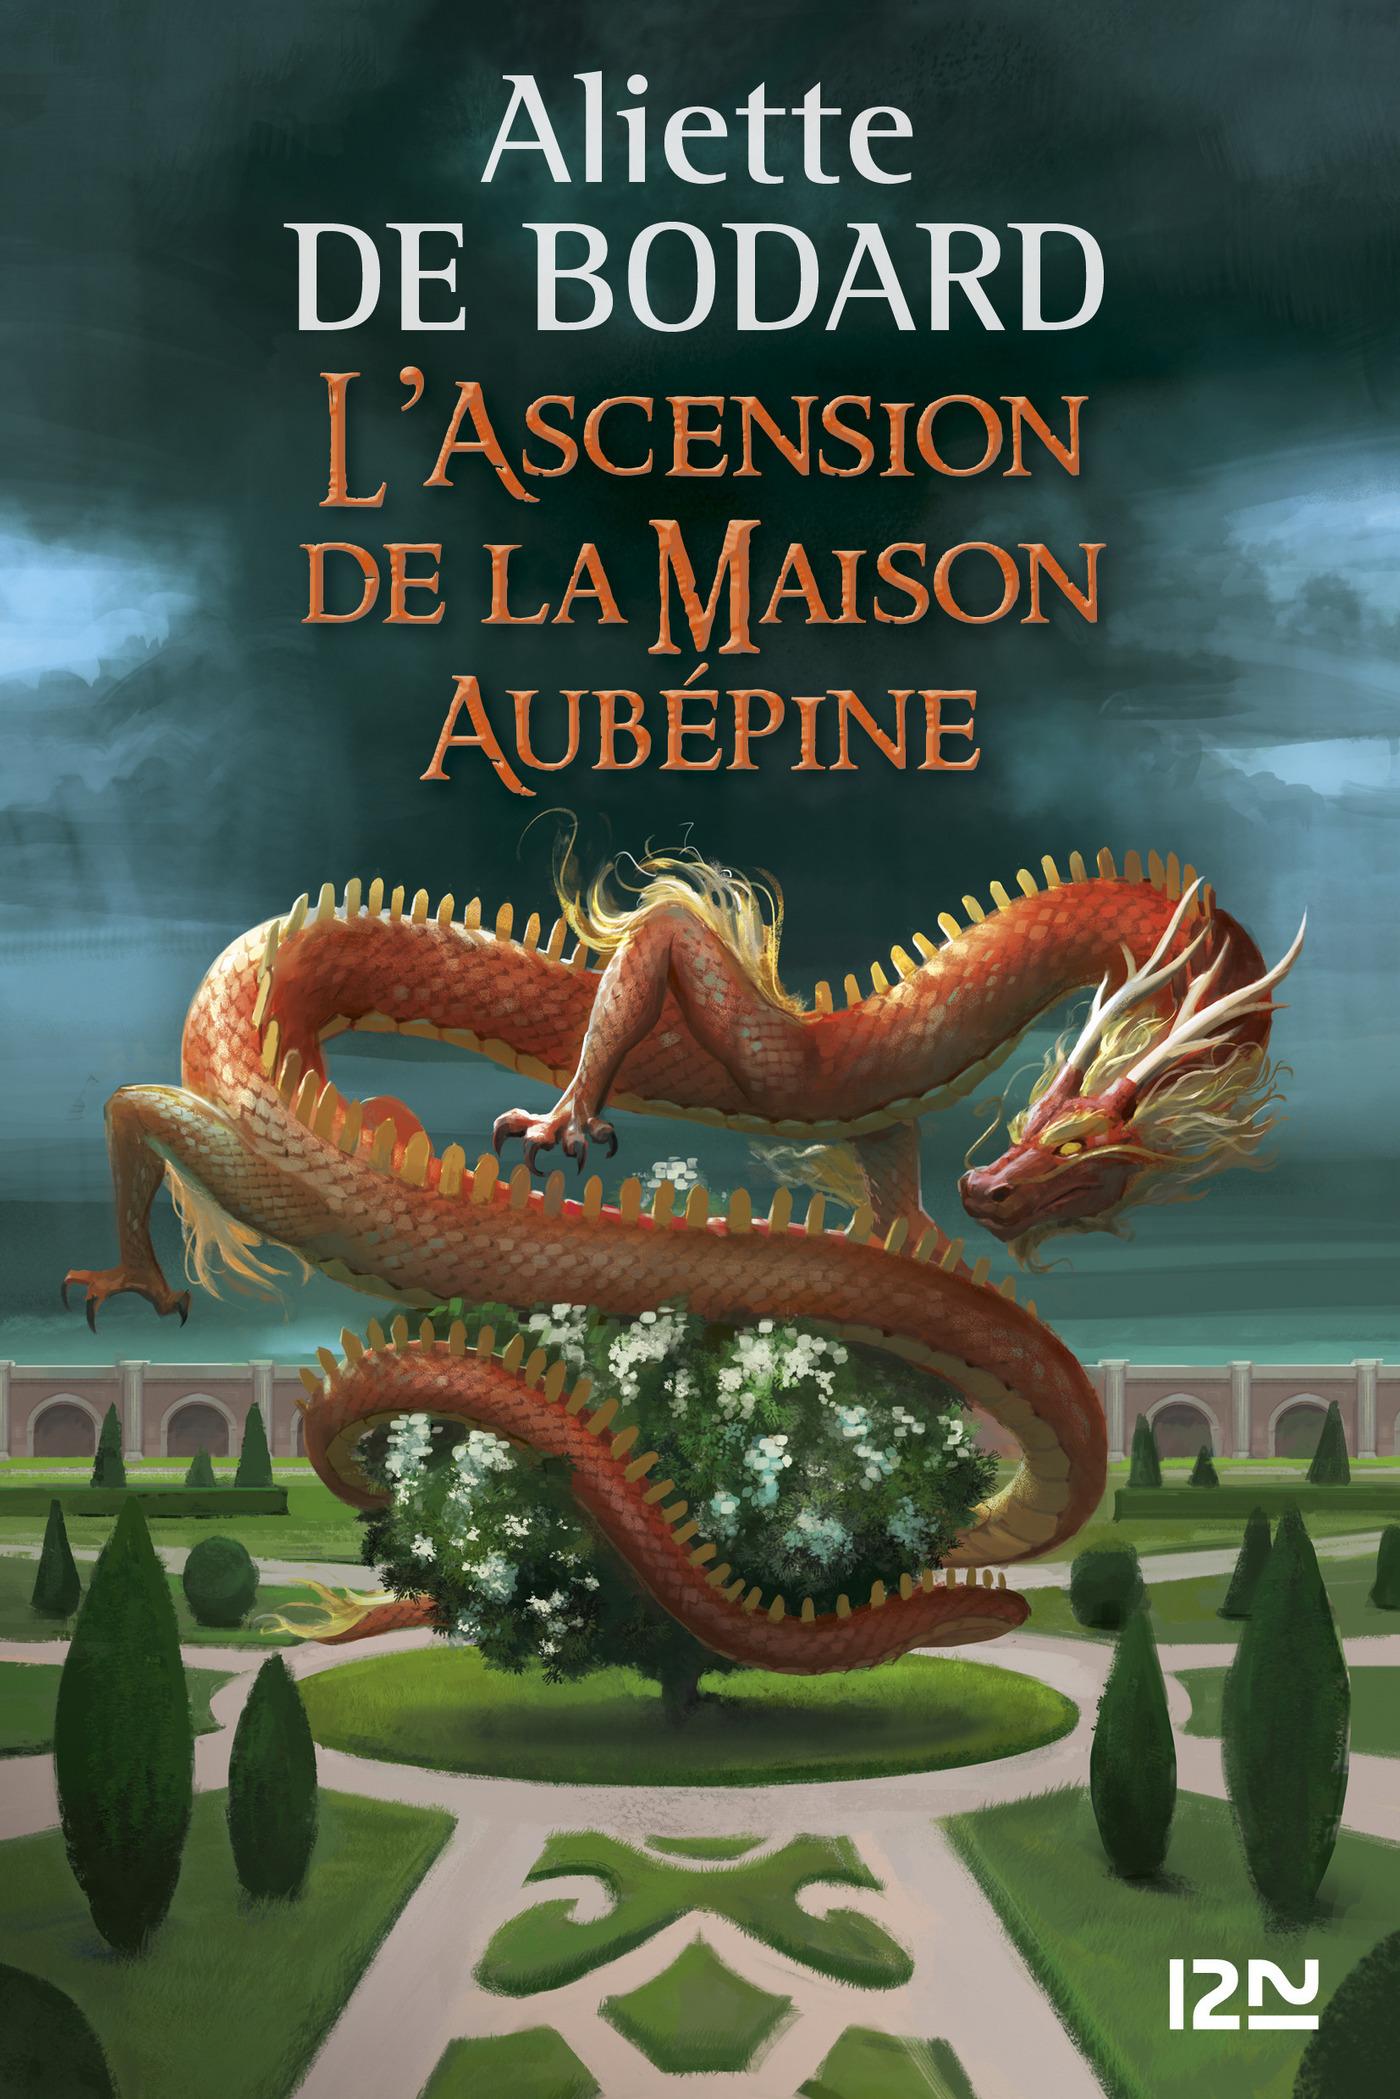 L'Ascension de la Maison Aubépine